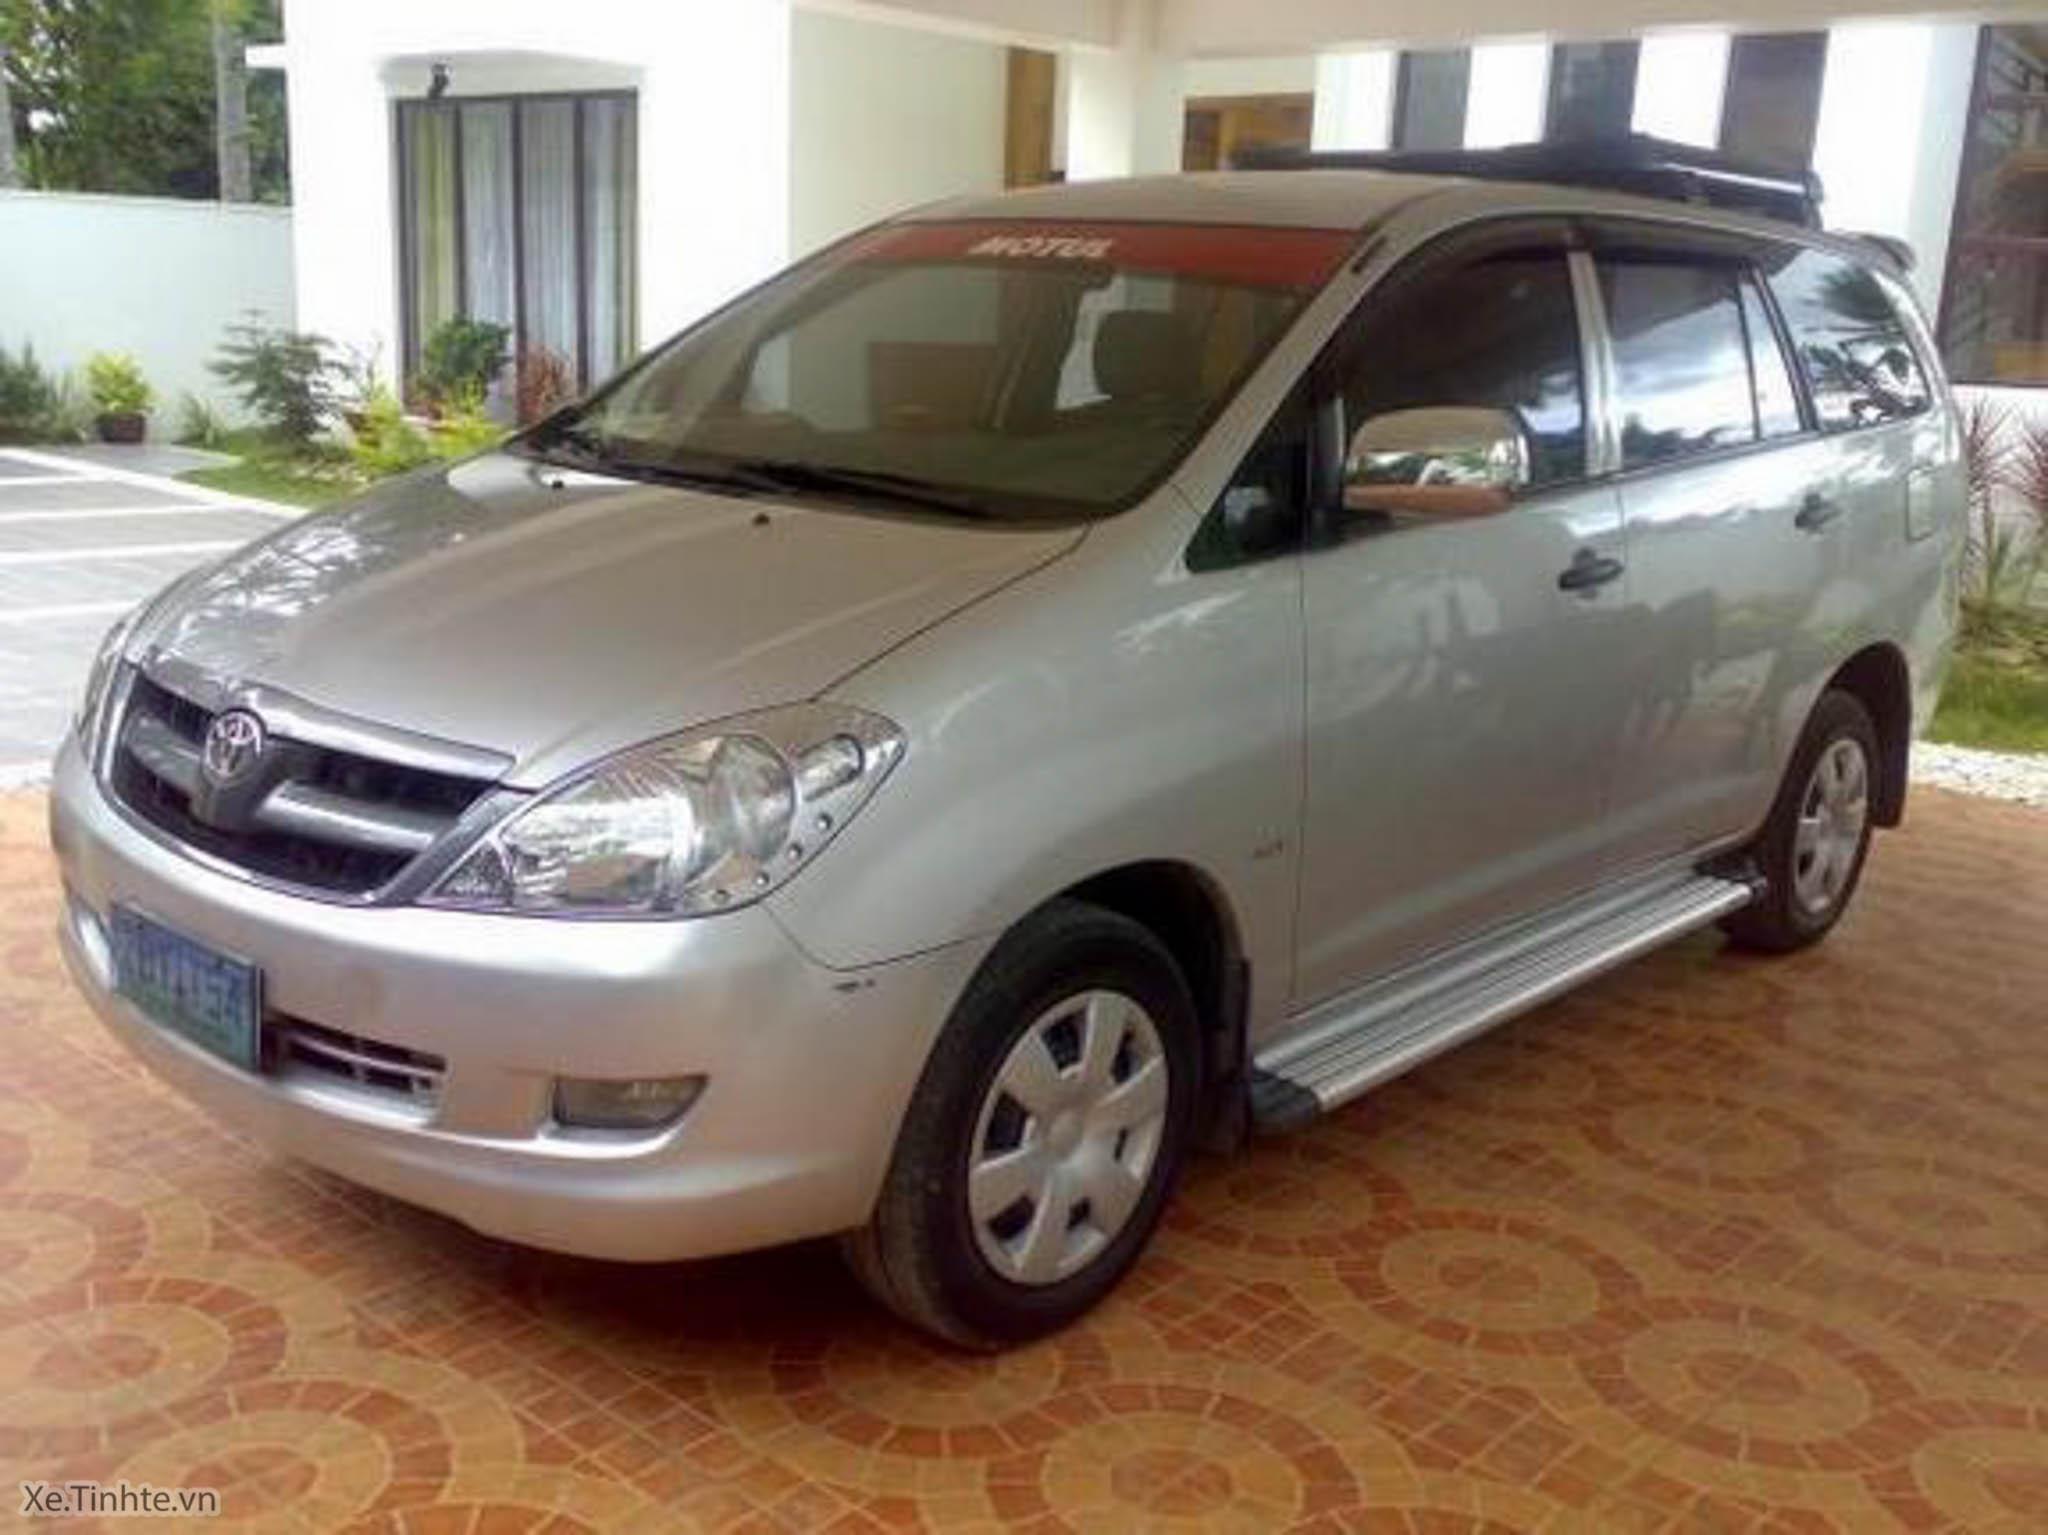 Toyota Innova 2006 2007  - 7 mẫu xe cũ giá chỉ 200 triệu đồng đáng mua nhất 2021